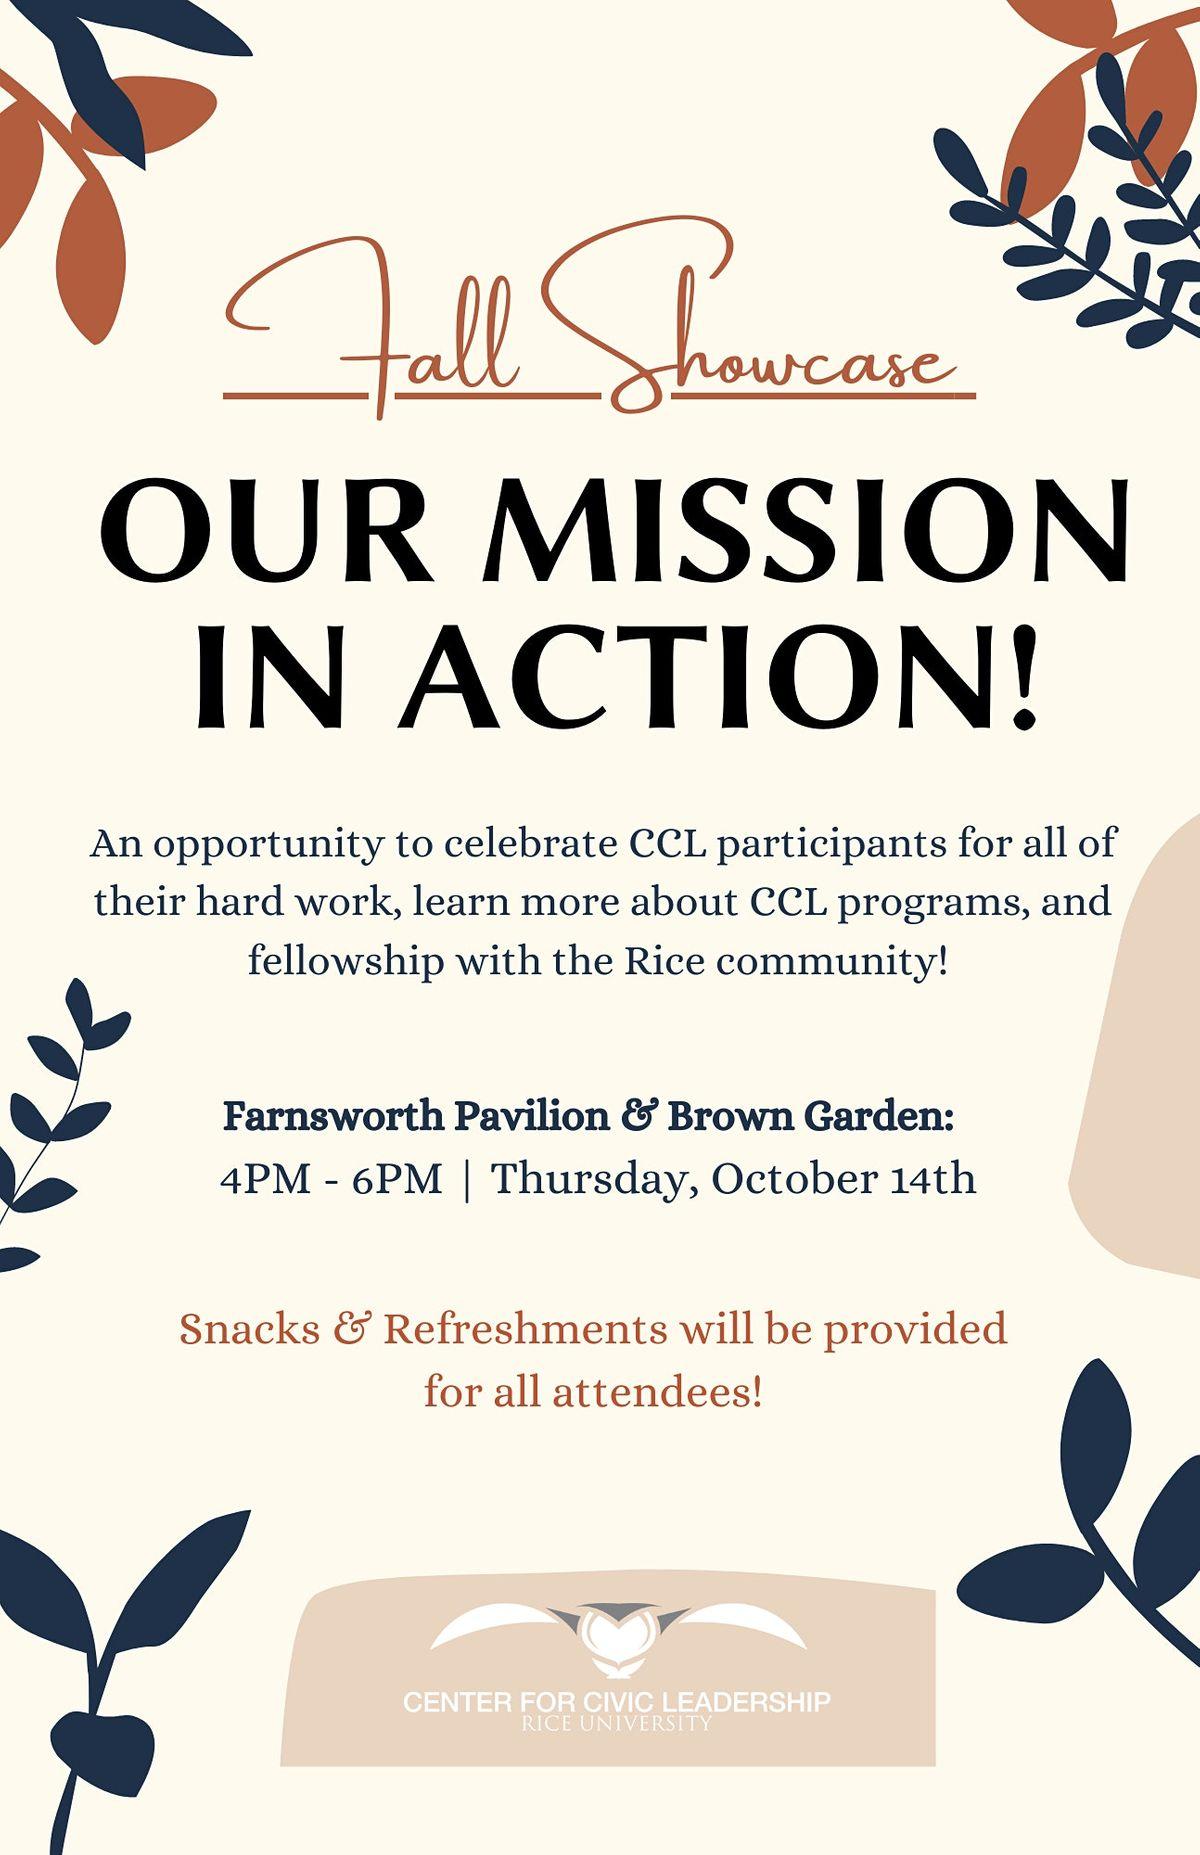 CCL Fall Showcase